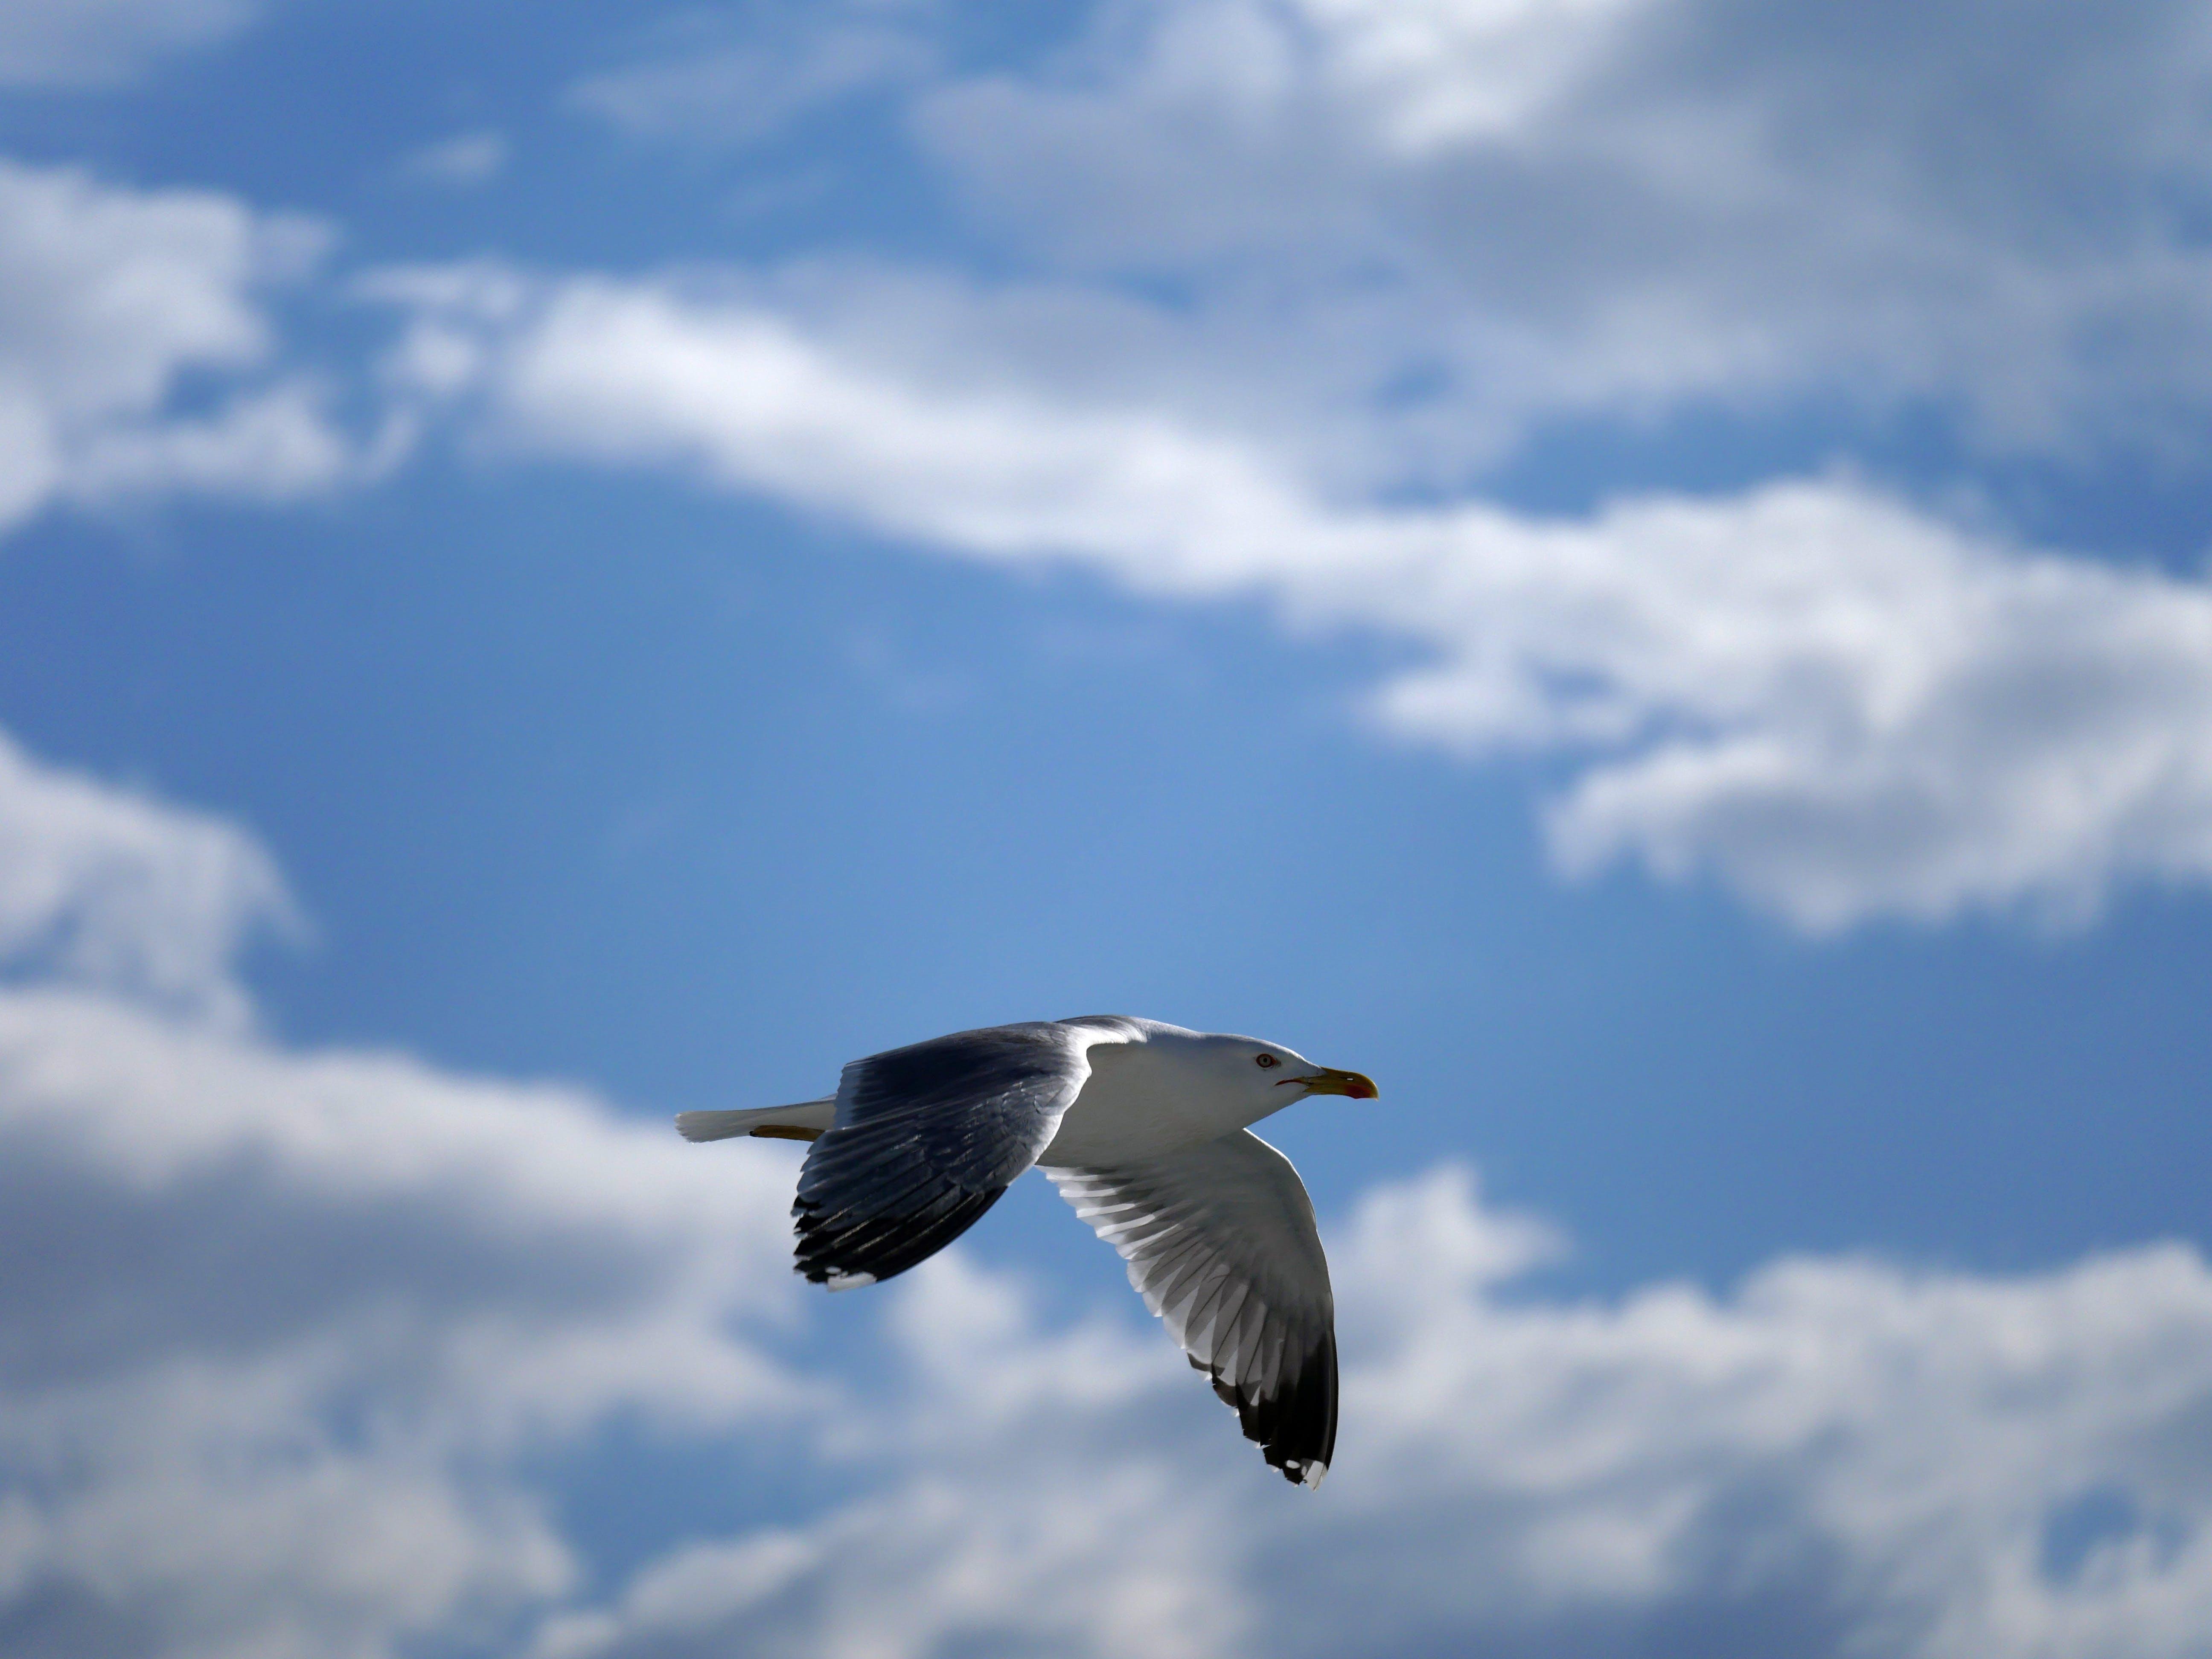 Gratis stockfoto met beest, blauwe lucht, daglicht, dieren in het wild